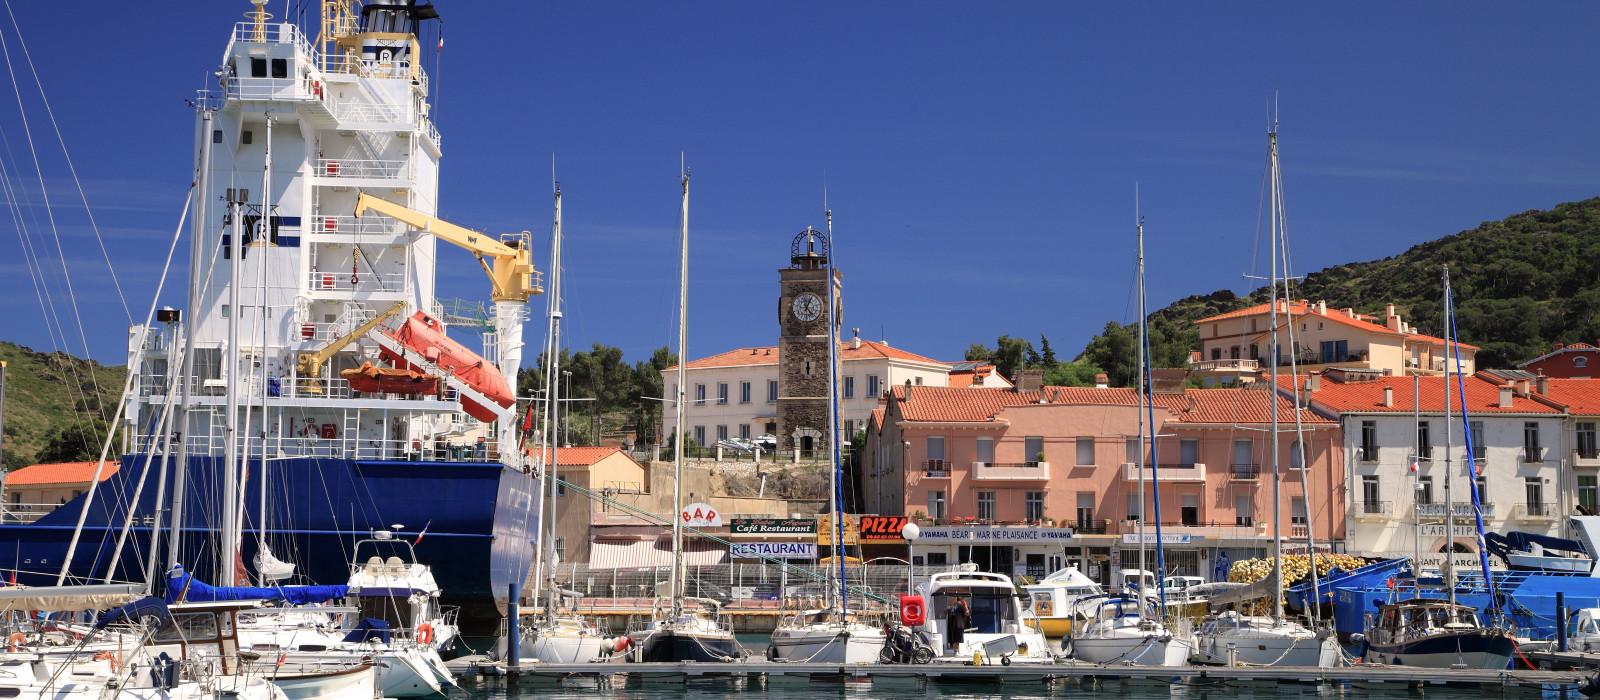 Visiter port vendres que faire port vendres suivez le guide - Restaurant le france port vendres ...